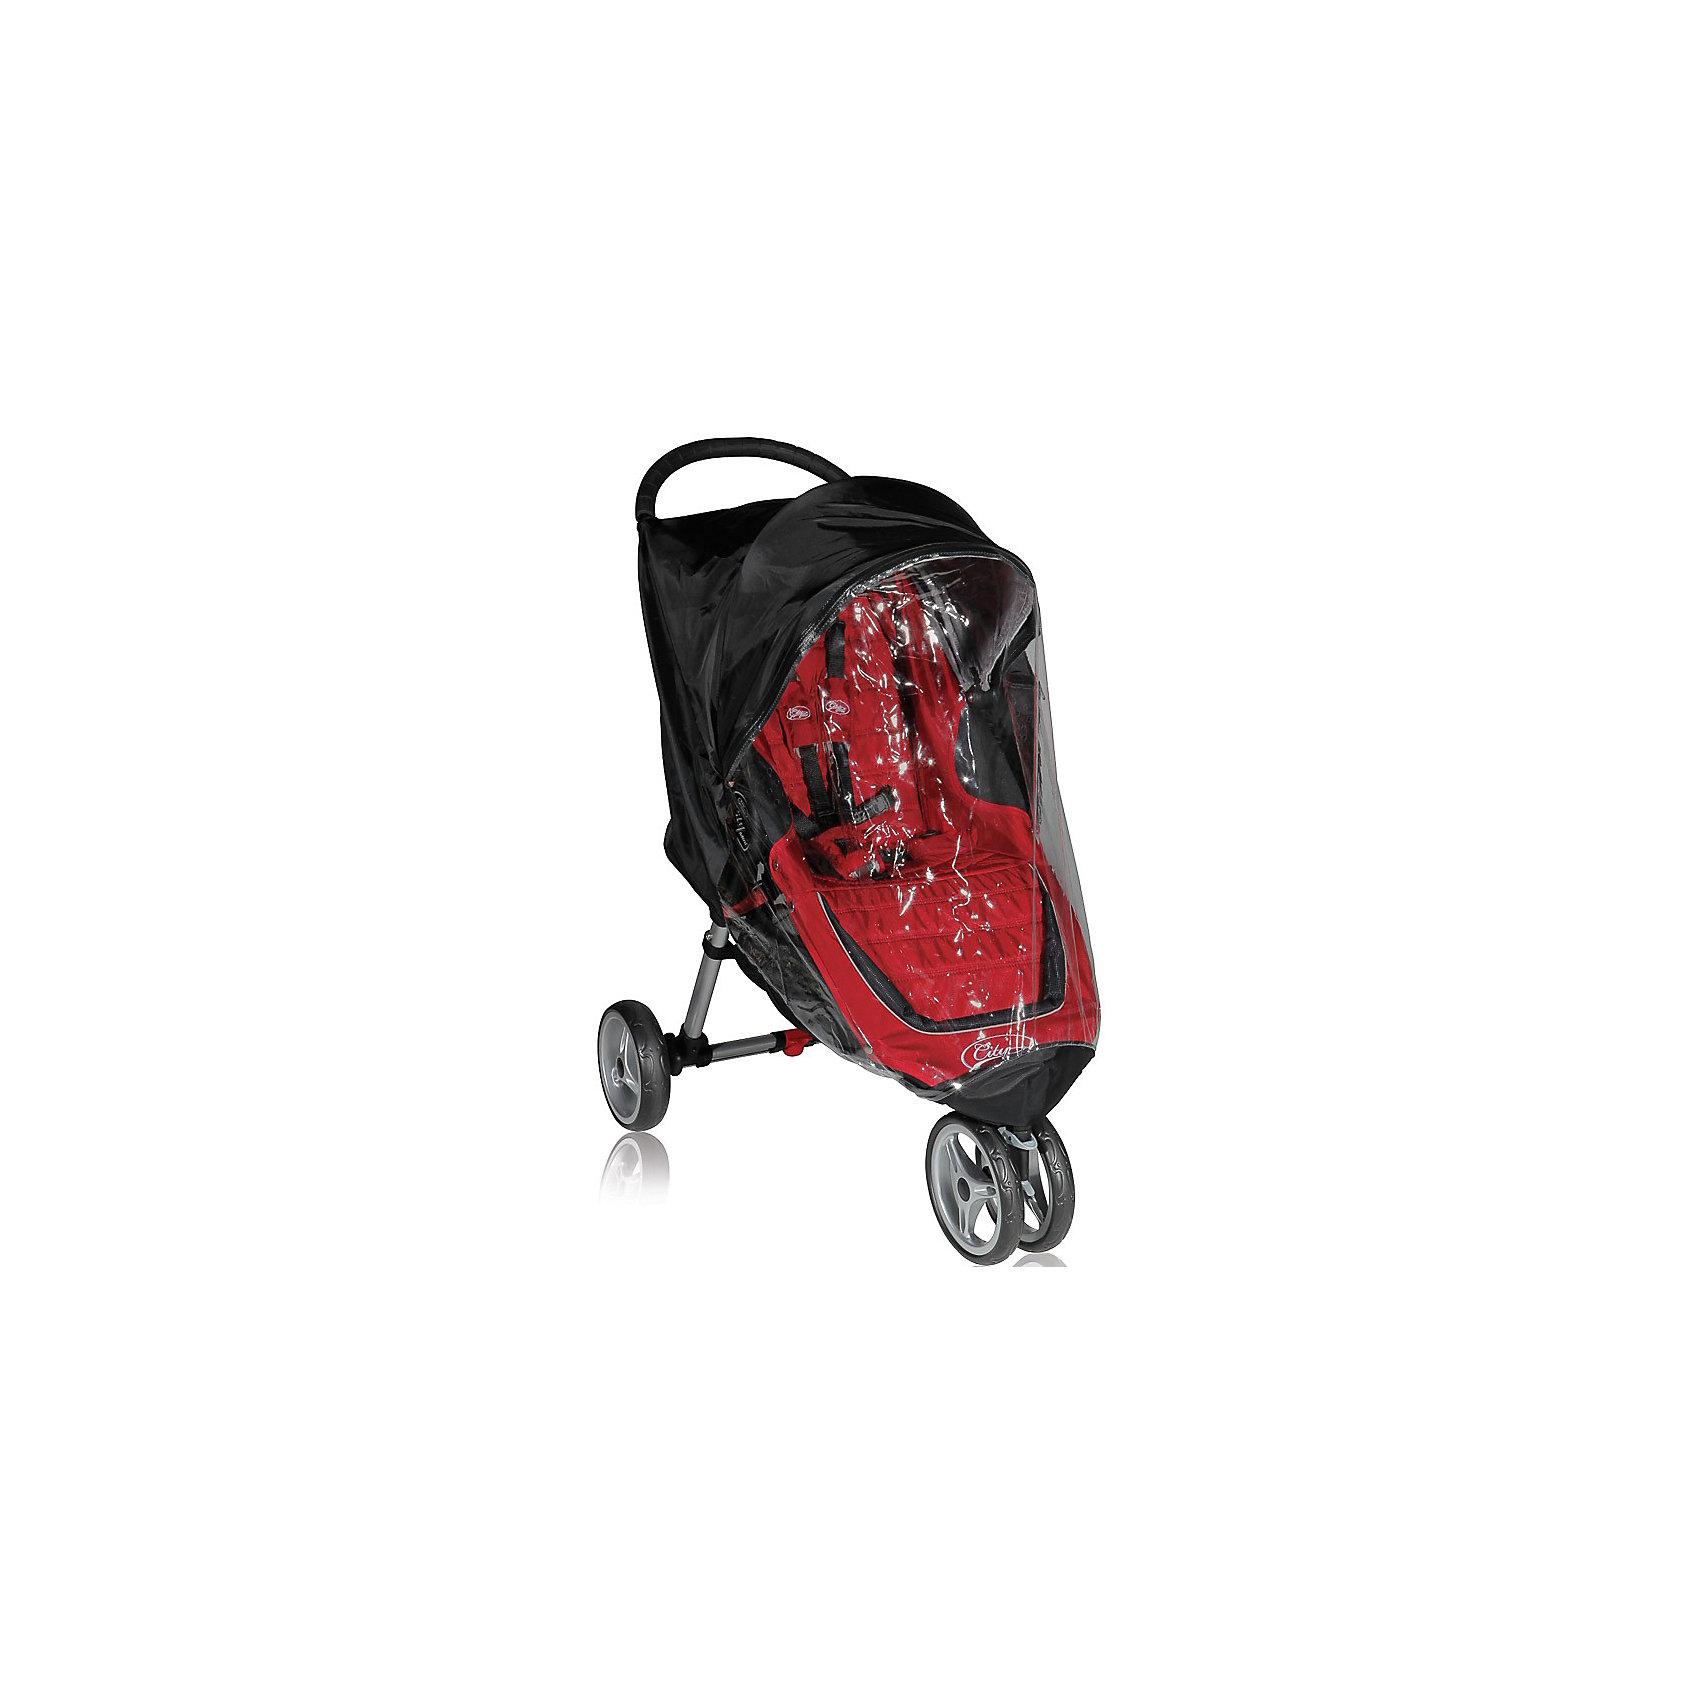 Дождевик для моделей City Micro, City Mini, City Mini GT, Baby JoggerАксессуары для колясок<br>Дождевик, разработанный специально для колясок Baby Jogger, надежно закрывает переднюю и боковые части коляски, защищая от дождя и ветра.  Модель имеет вентиляционные отверстия обеспечивающие свободный приток воздуха. При изготовлении дождевика используются исключительно нетоксичные материалы, которые не содержат фталат и абсолютно безопасны для детей. <br><br>Дополнительная информация:<br><br>- Материал: поливинил. <br>- Надежно крепится к коляске.<br>- Отверстия для вентиляции. <br><br>Дождевик для моделей City Micro, City Mini, City Mini GT, Baby Jogger (Бэби Джоггер), можно купить в нашем магазине.<br><br>Ширина мм: 215<br>Глубина мм: 365<br>Высота мм: 60<br>Вес г: 533<br>Возраст от месяцев: 6<br>Возраст до месяцев: 36<br>Пол: Унисекс<br>Возраст: Детский<br>SKU: 4711678